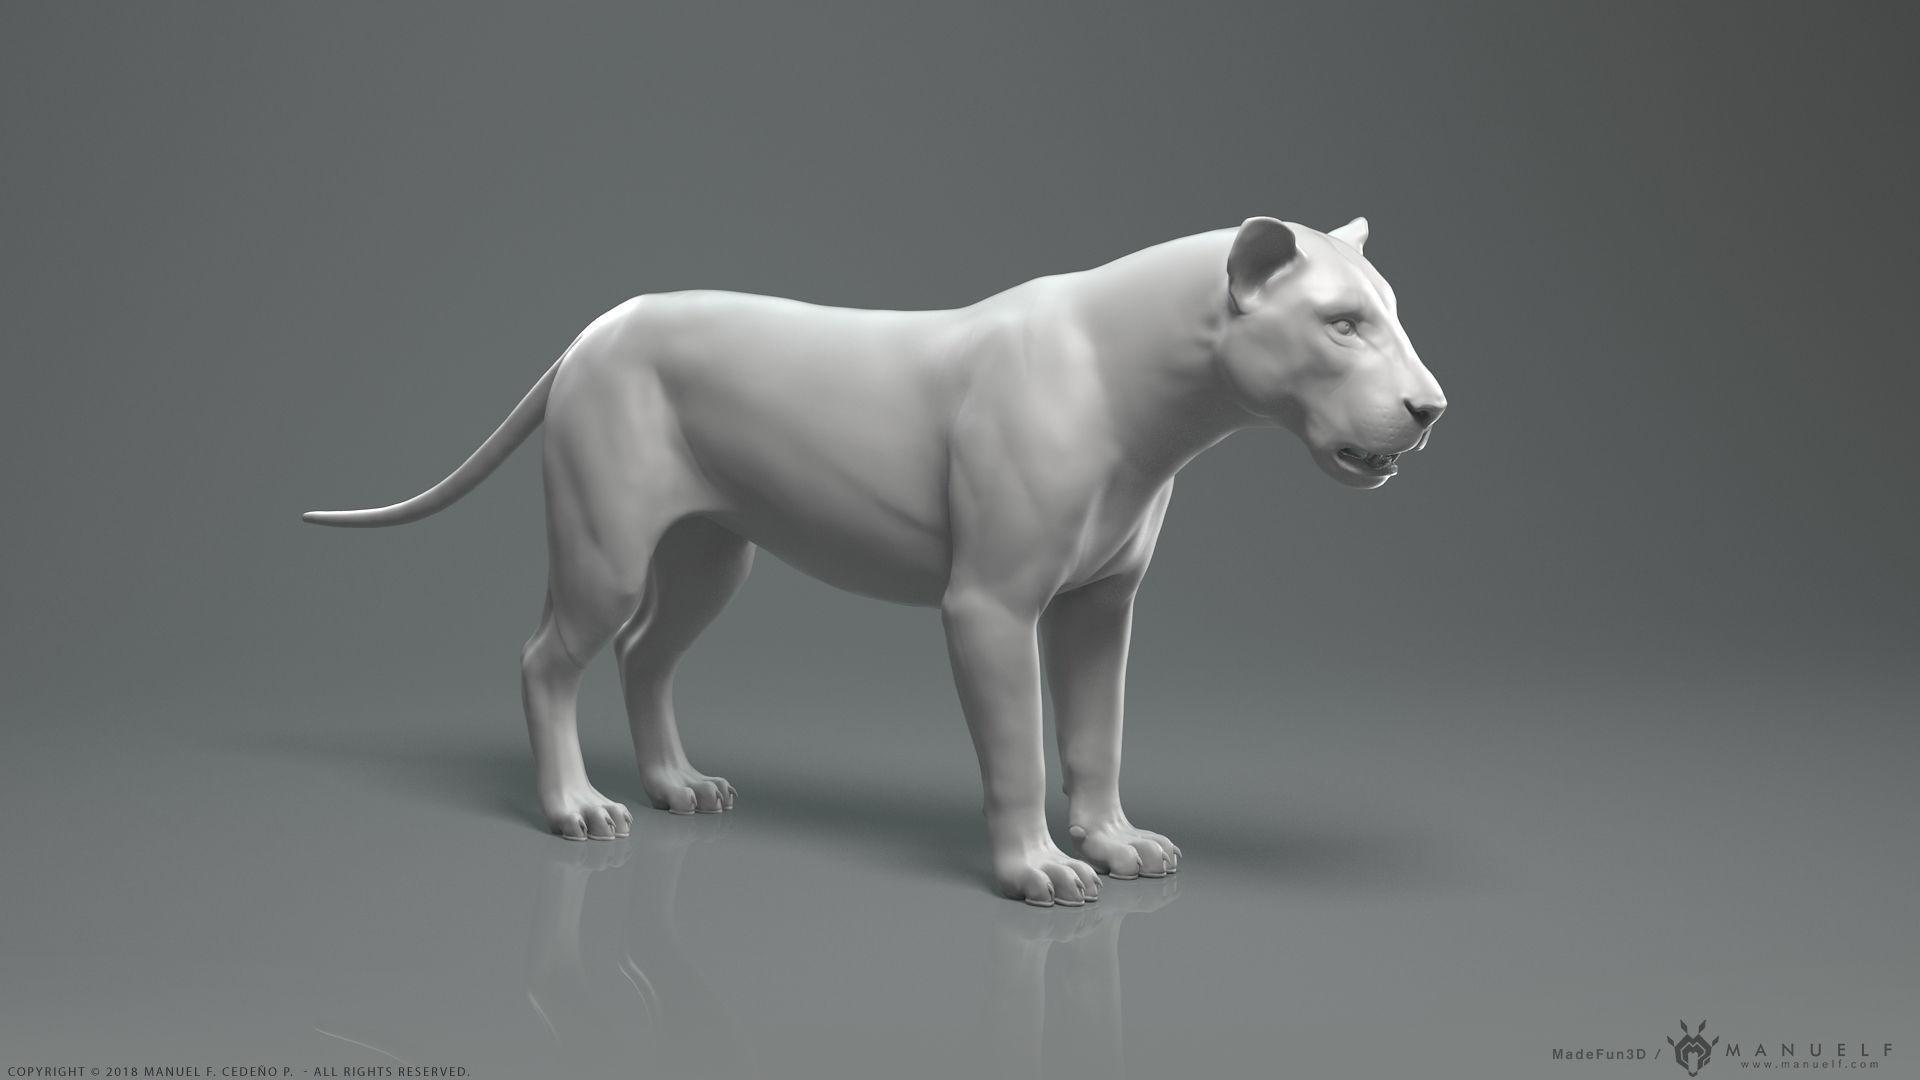 Lion - Highpoly Sculpture